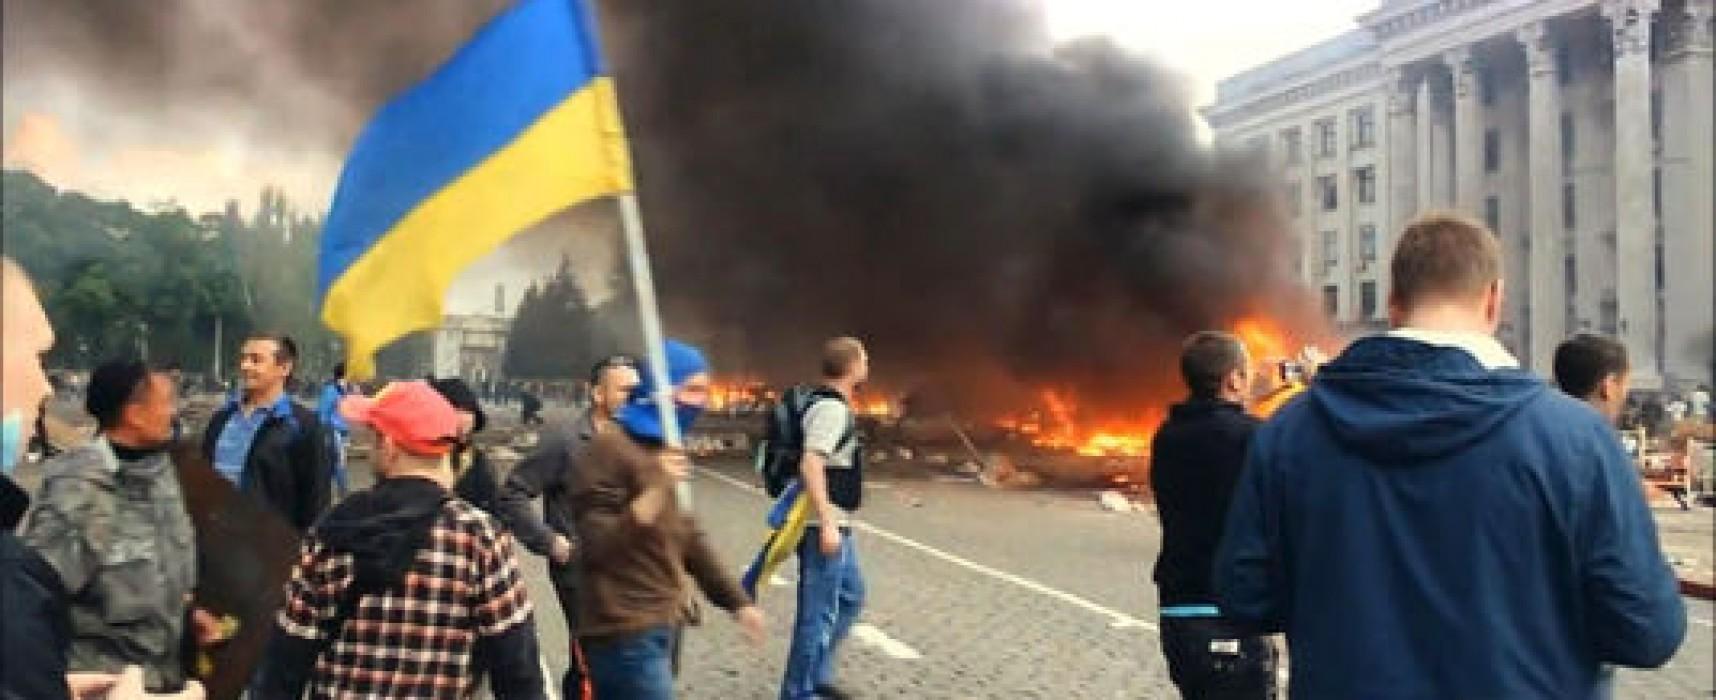 Le Monde: Paul Moreira donne une vision déformée du conflit ukrainien